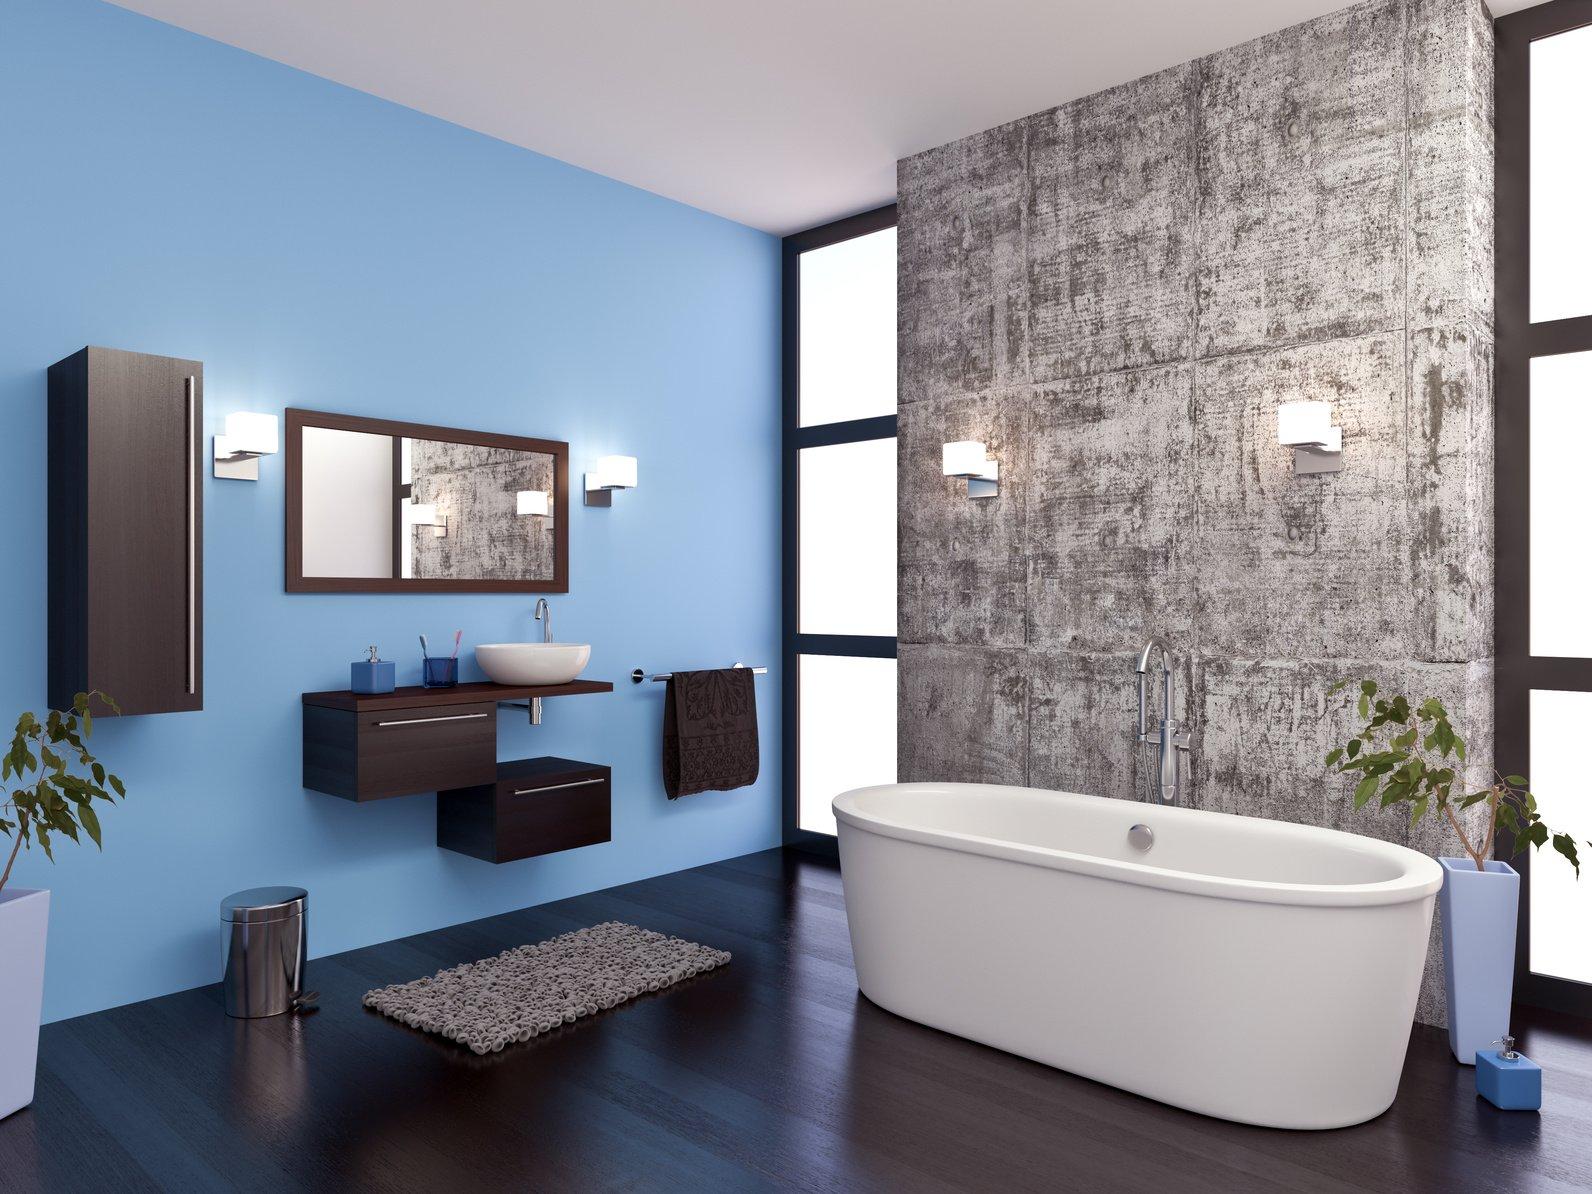 Покраска стен в ванной в голубой цвет